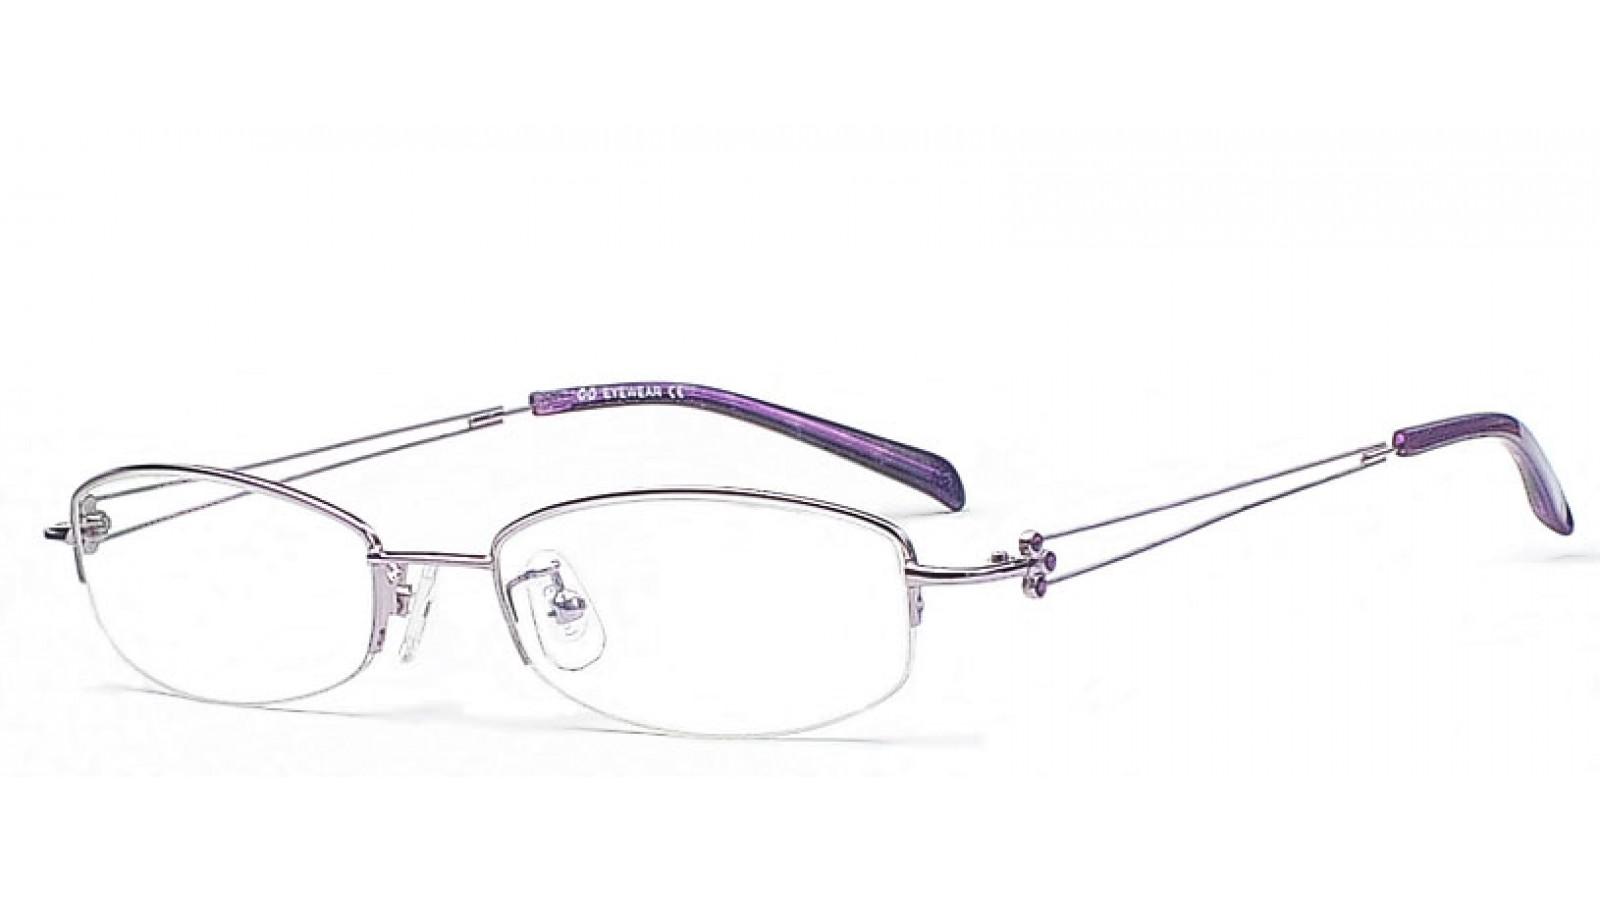 Brillen in der Farbe Lila - Brillen in Lila